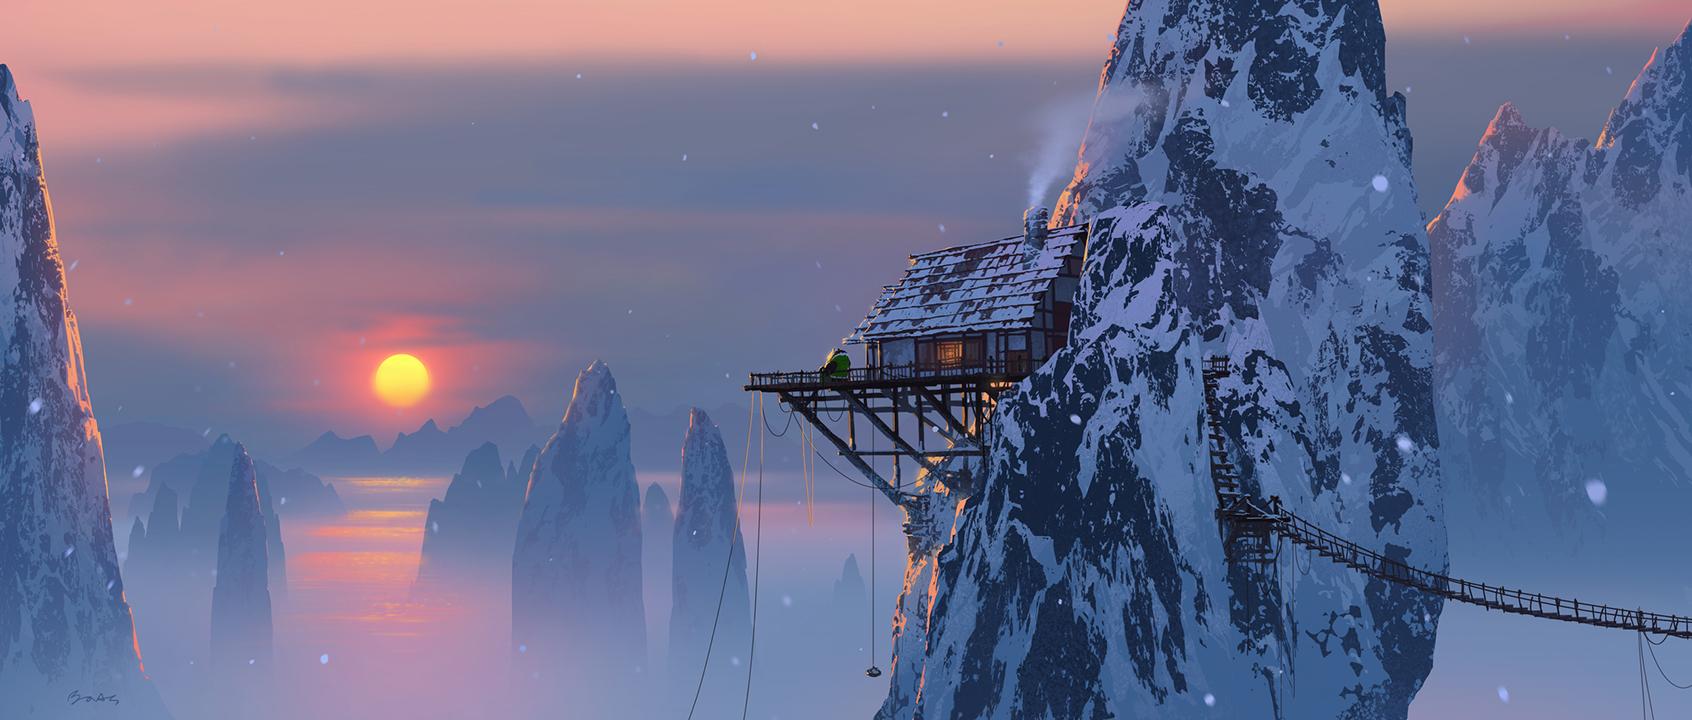 Li's hut